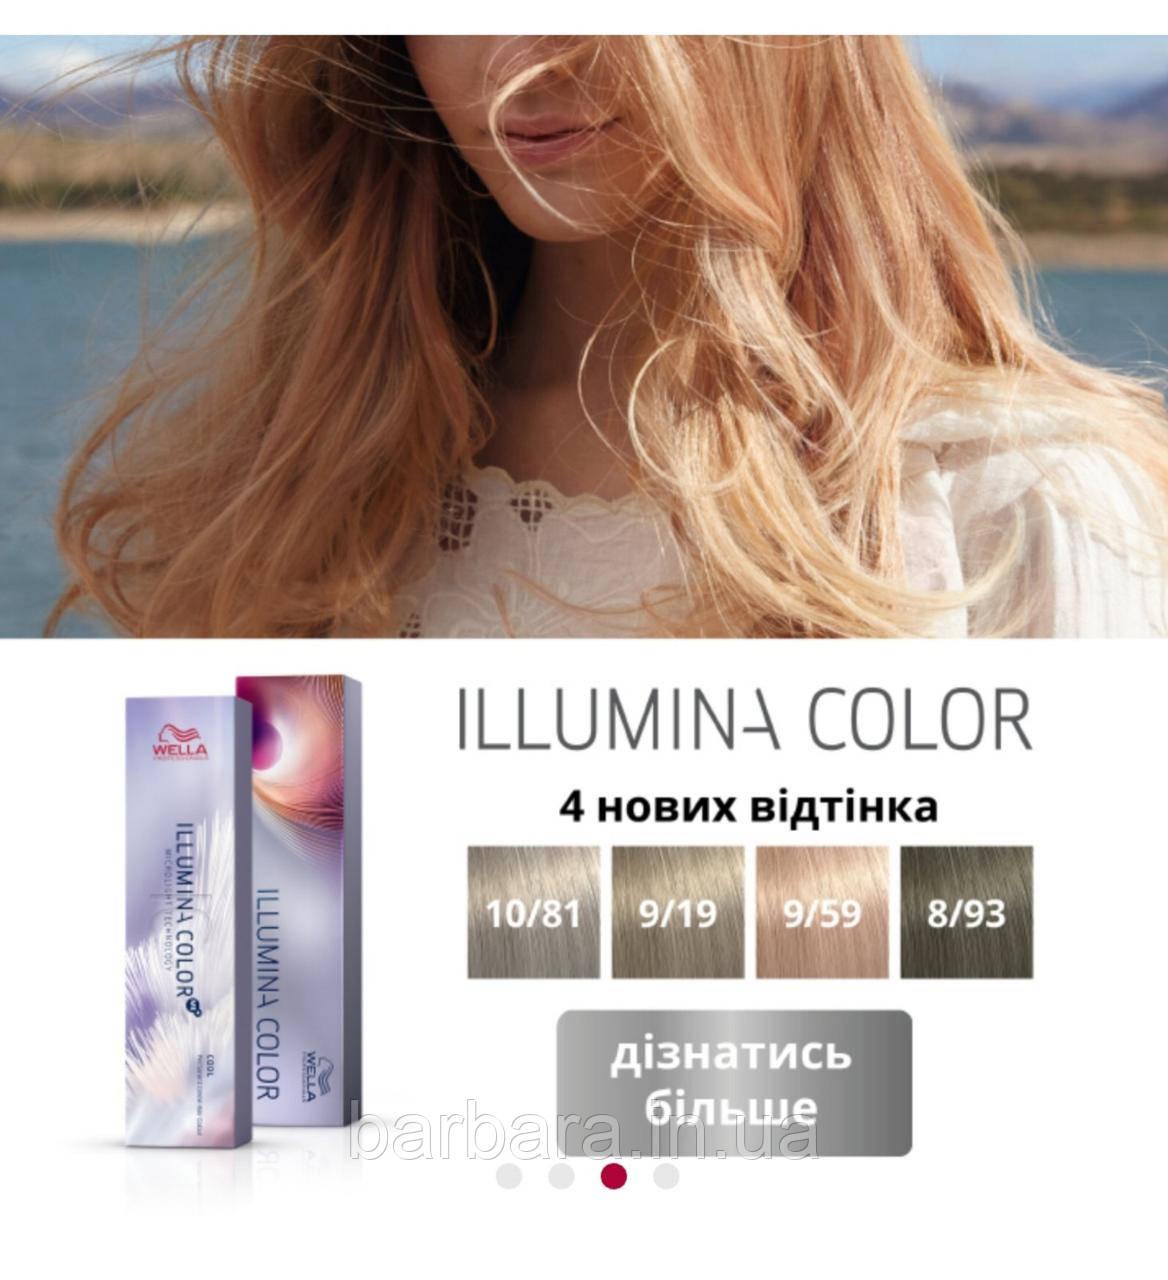 Фарба для волосся Wella Illumina Color Ме+ 2020